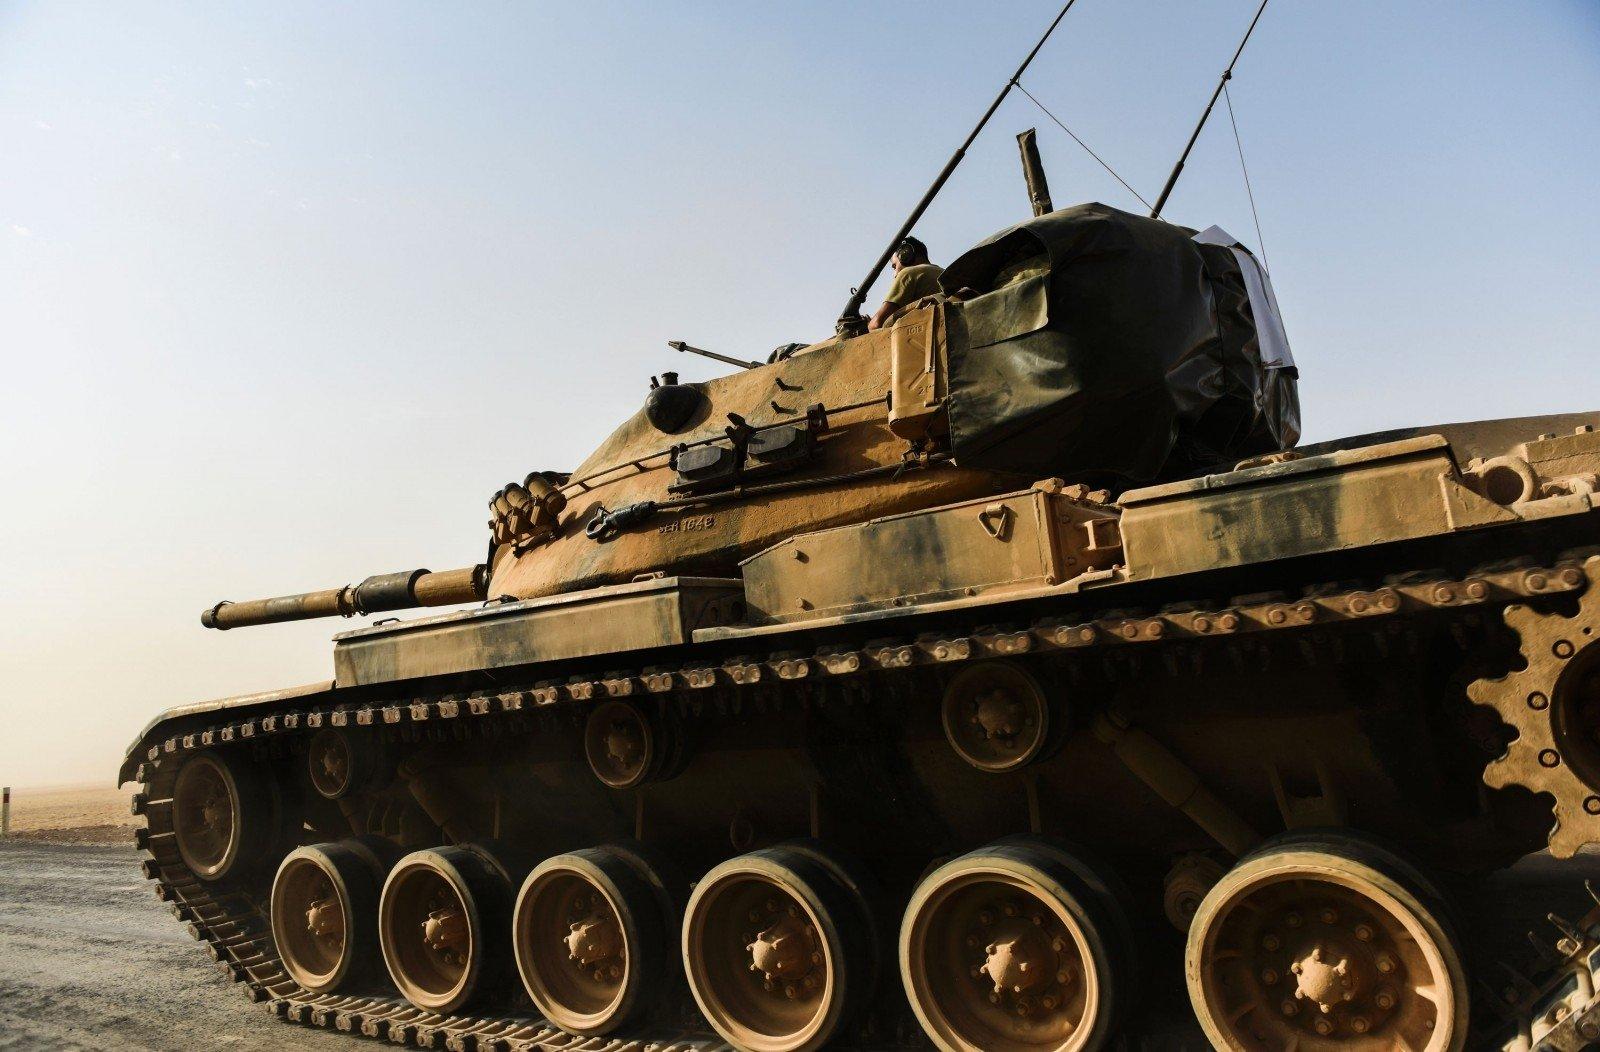 МИДРФ обеспокоен вторжением Турции вСирию